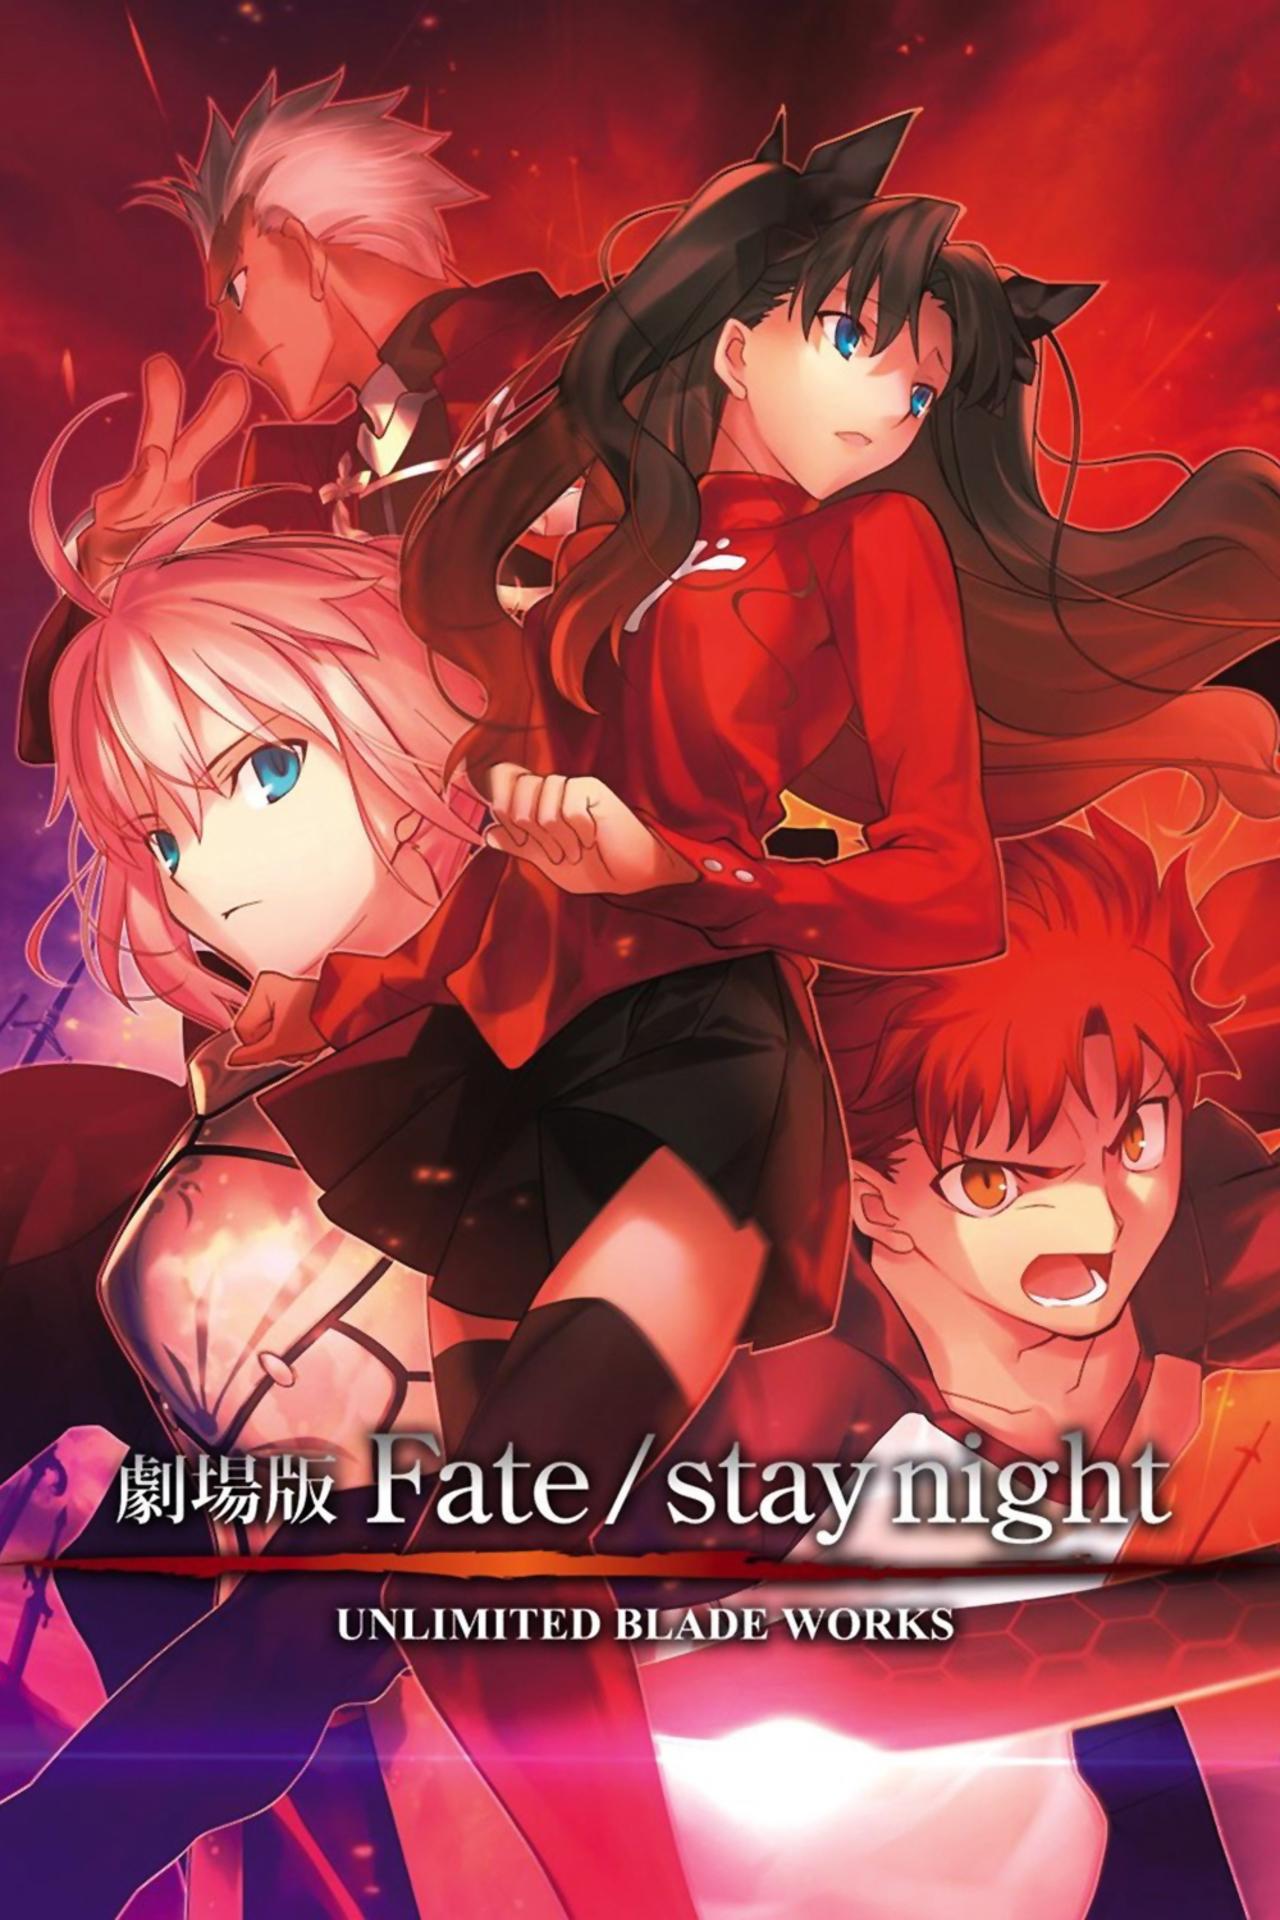 Gekijouban Fate/stay night: Unlimited Blade Works kapak